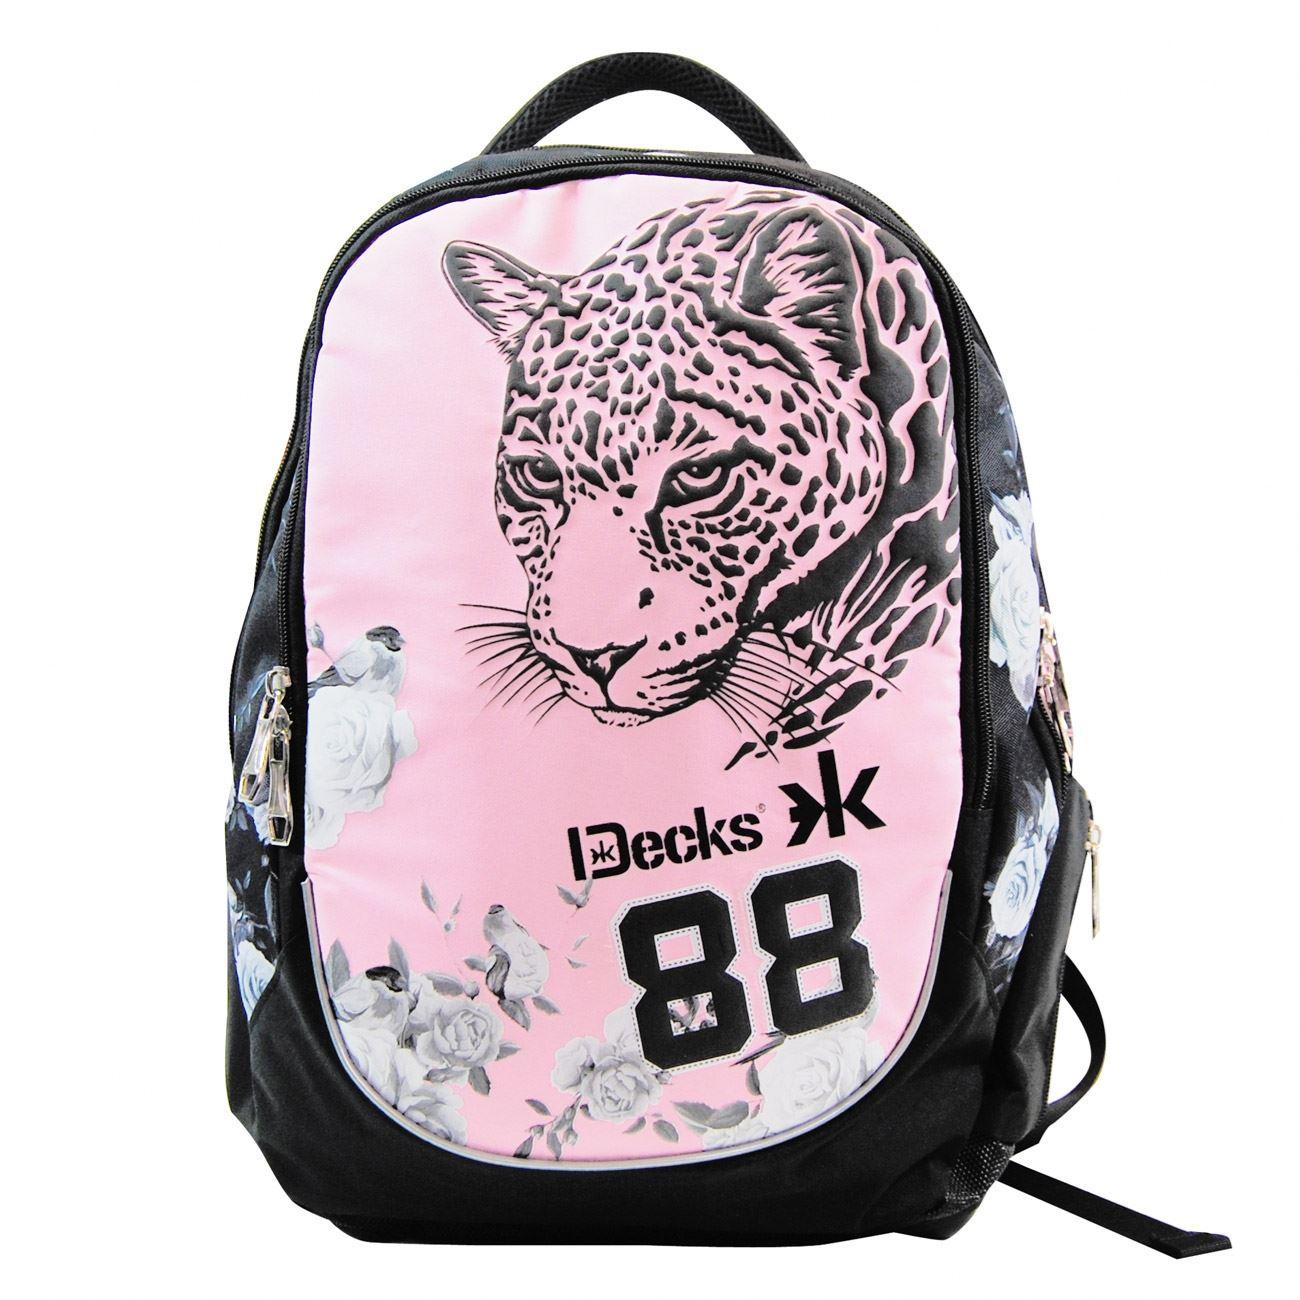 Τσάντες Decks · Πολυθεσιακό Σακίδιο Leopard Pink DECKS (με Κάλυμμα Βροχής)  ... a21055da5fc